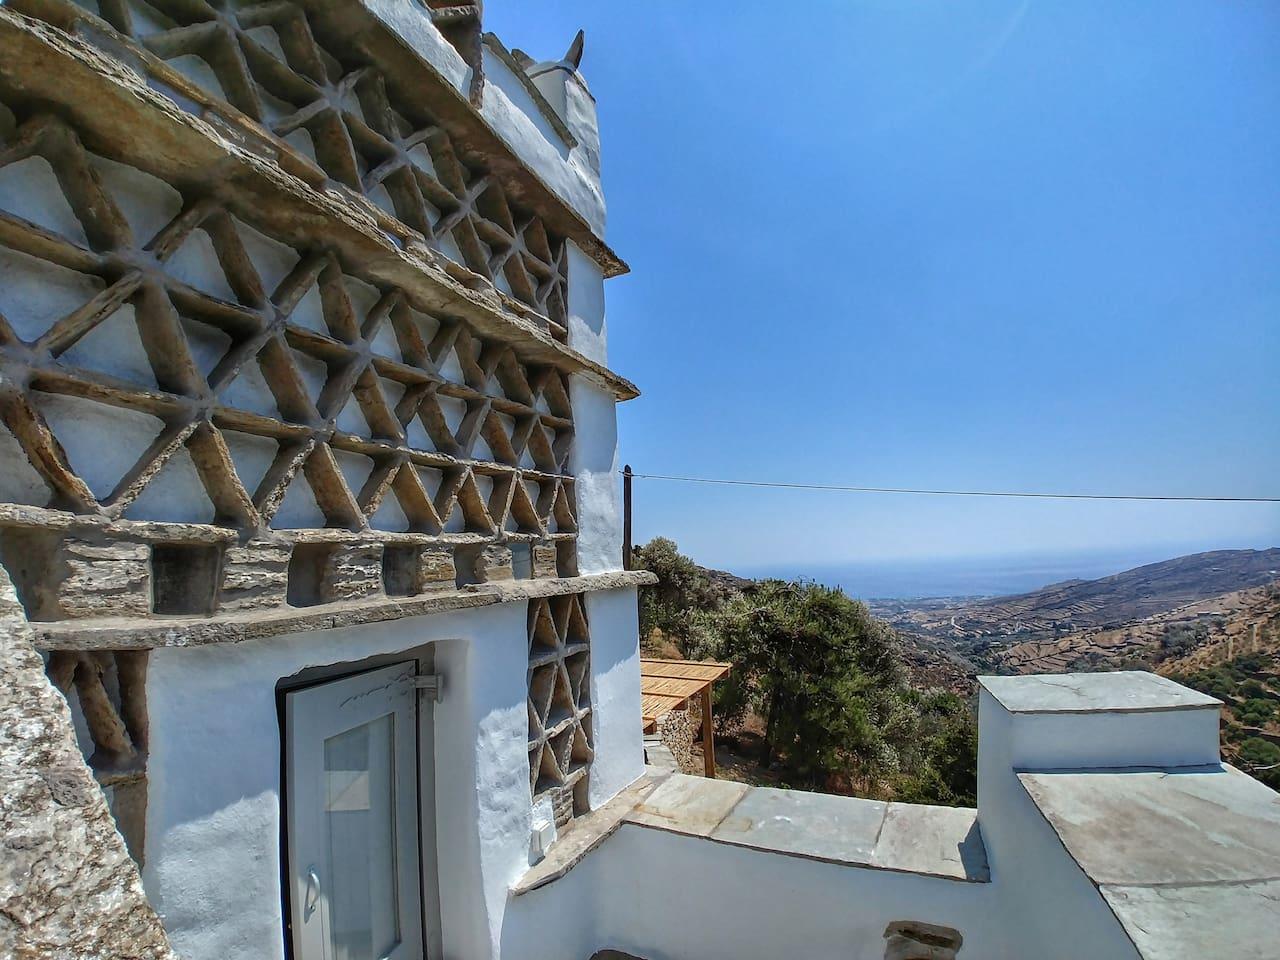 Socrates' pigeon house